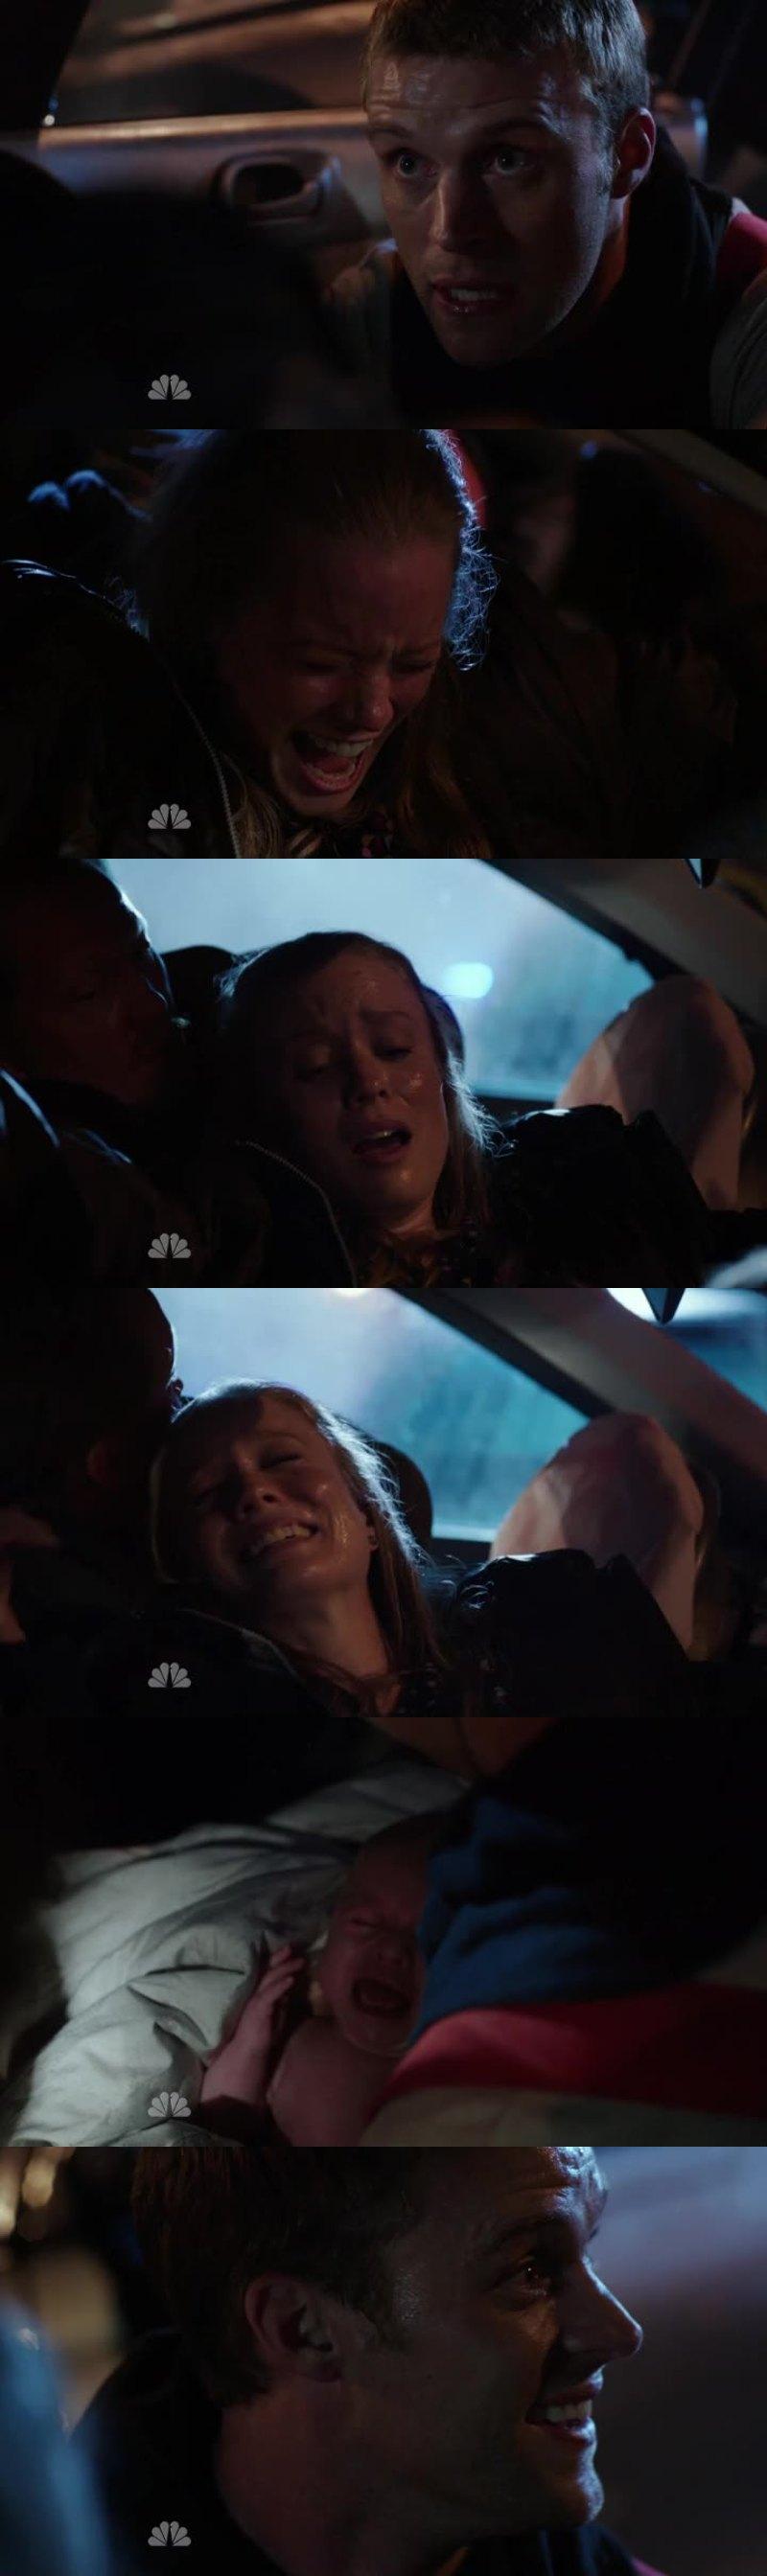 Je sens que Matthew et Dawson vont finir ensemble et ça  sera génial !  Le moment où Matthew à aider la femme enceinte à accoucher était super et émouvant !!